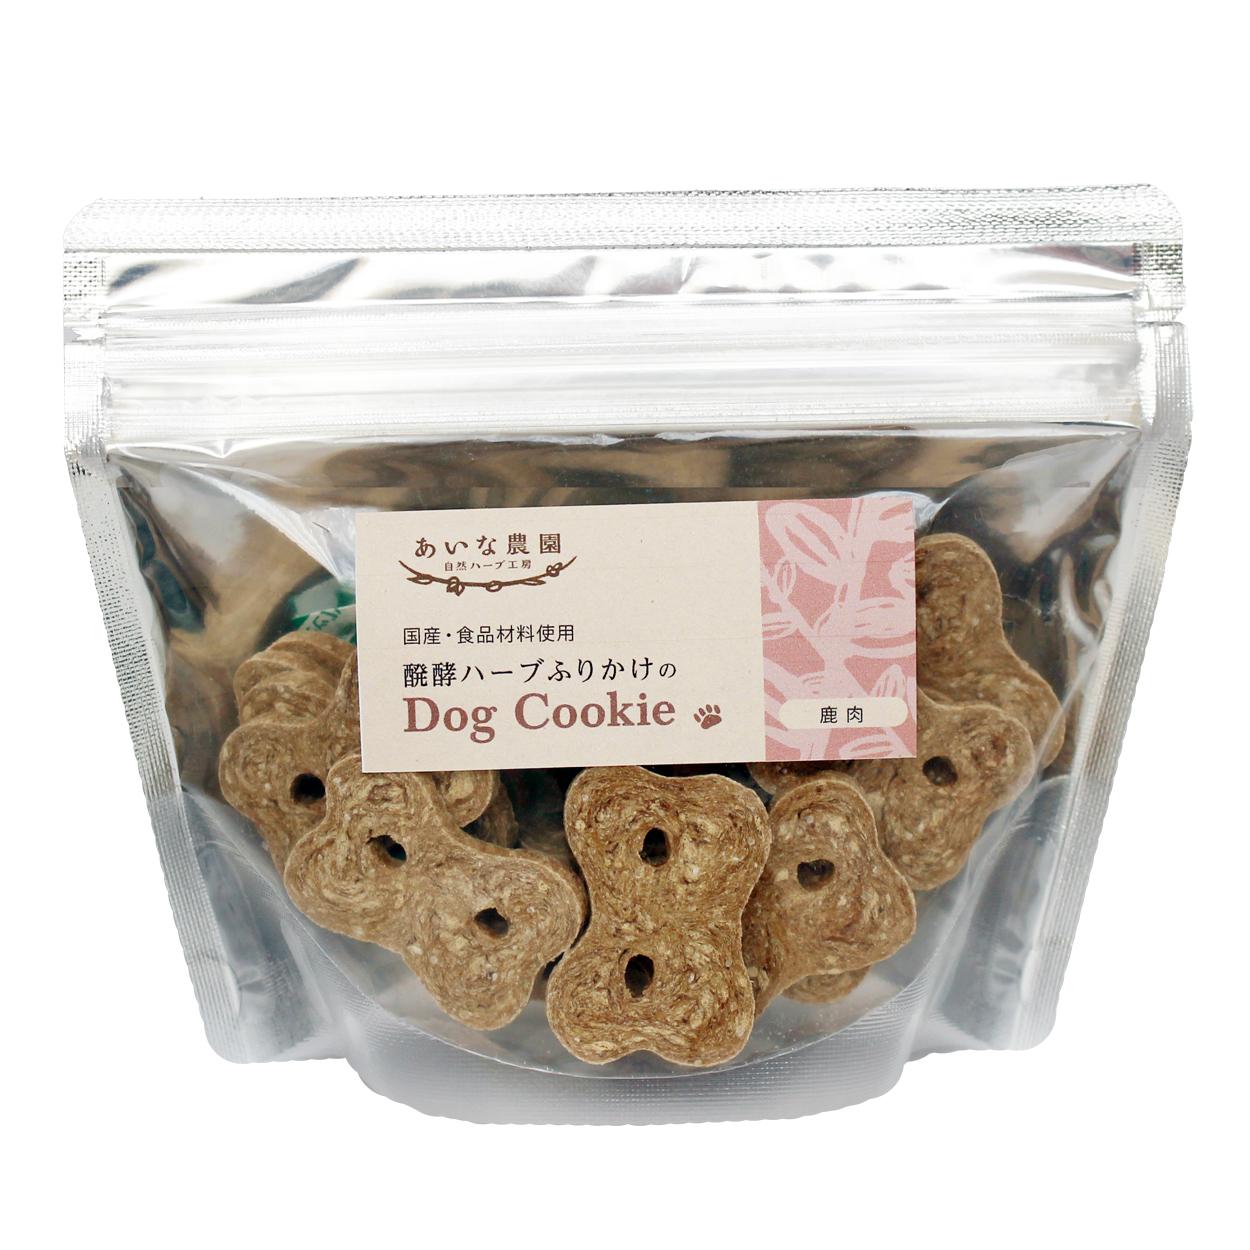 ドッグクッキー(鹿肉/大) 《30枚/約140g》【犬用】